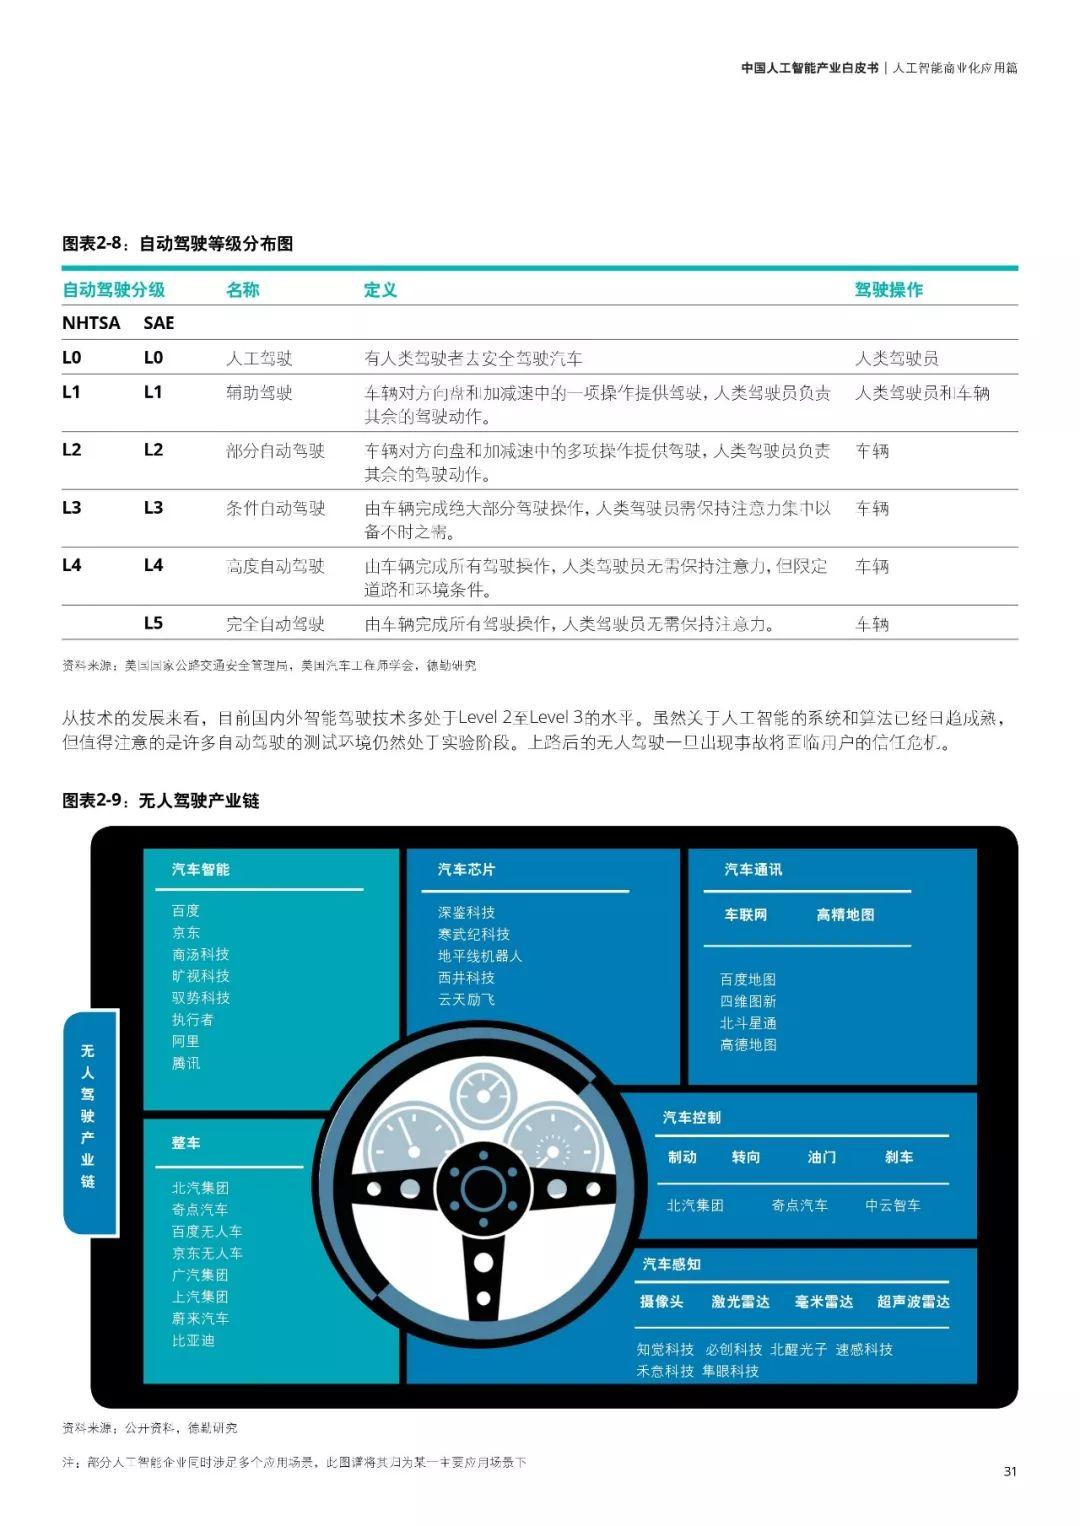 德勤首发《中国人工智能产业白皮书》:中国人工智能产业深度解析